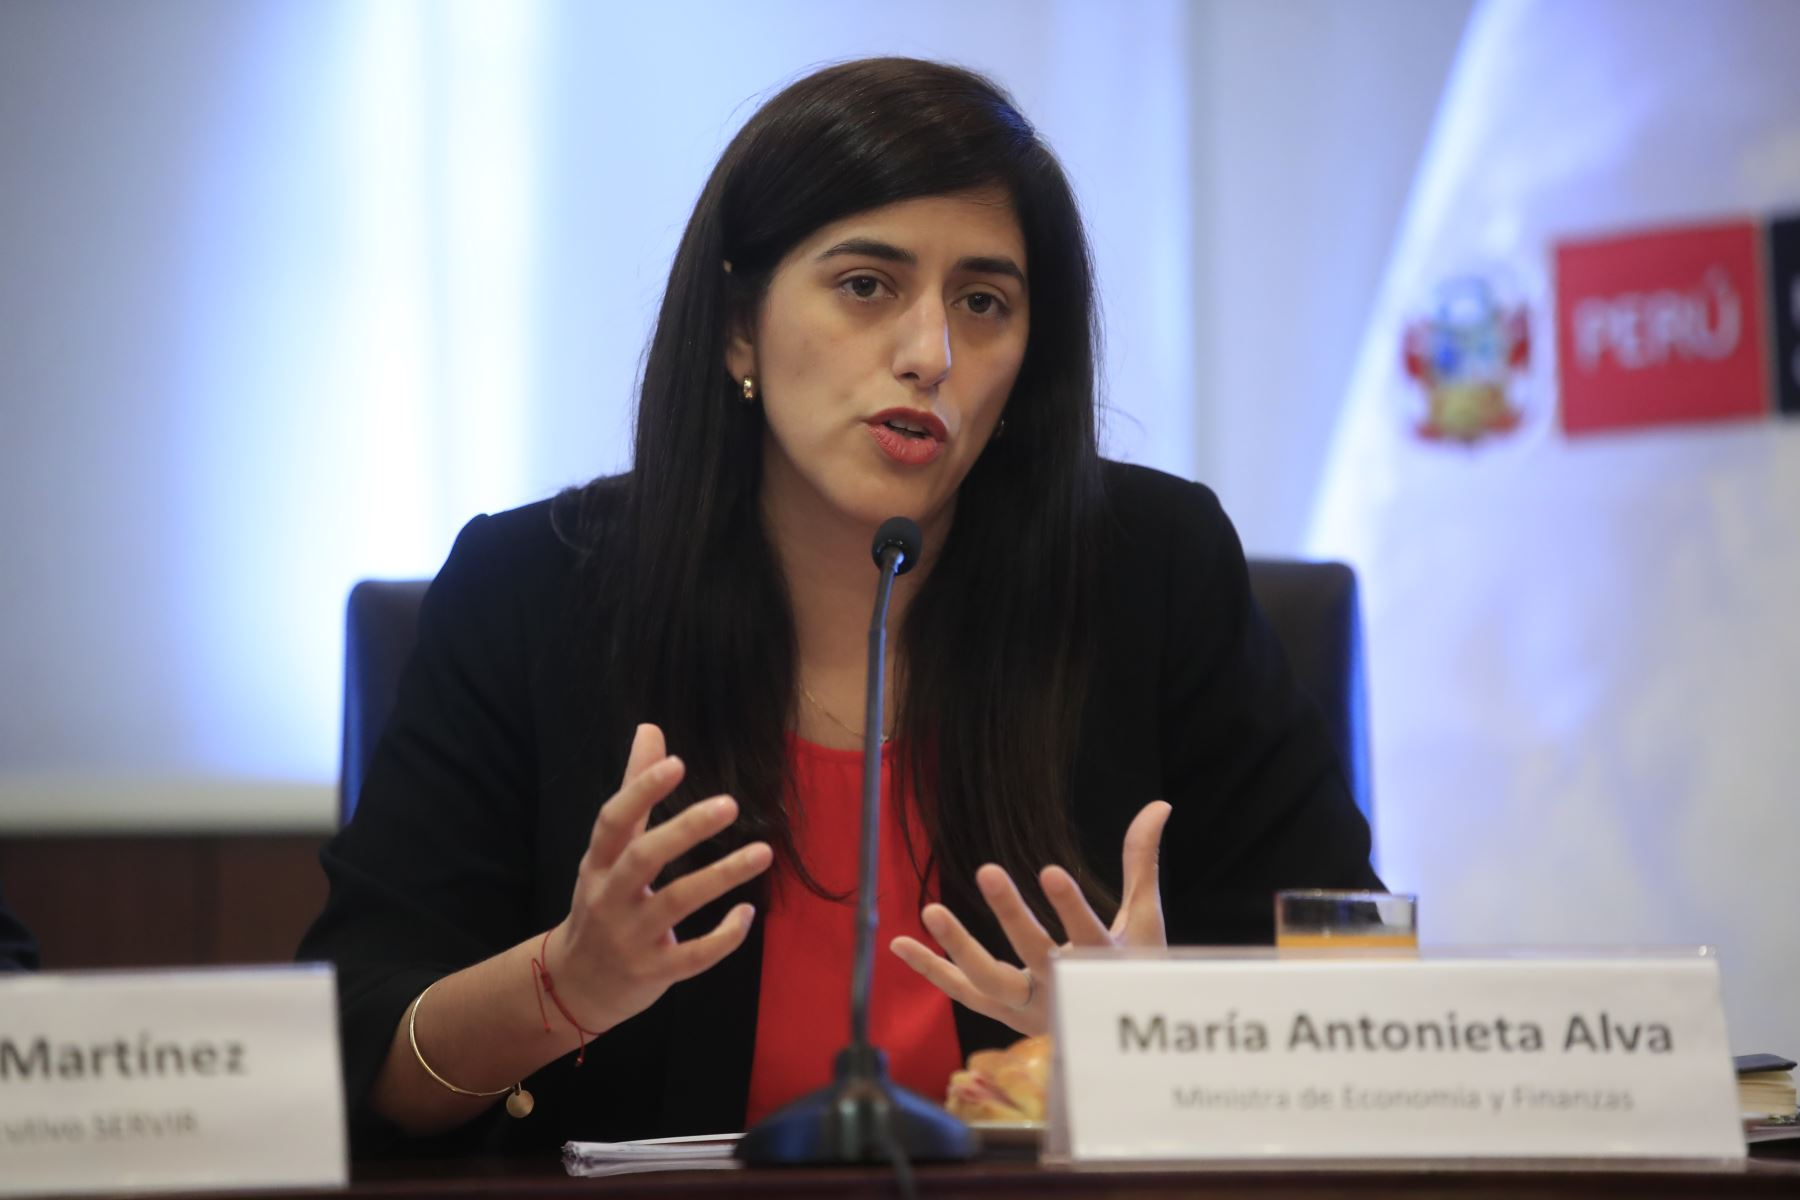 MInistra de Economía y Finanzas, María Antonieta Alva. ANDINA/Juan Carlos Guzmán